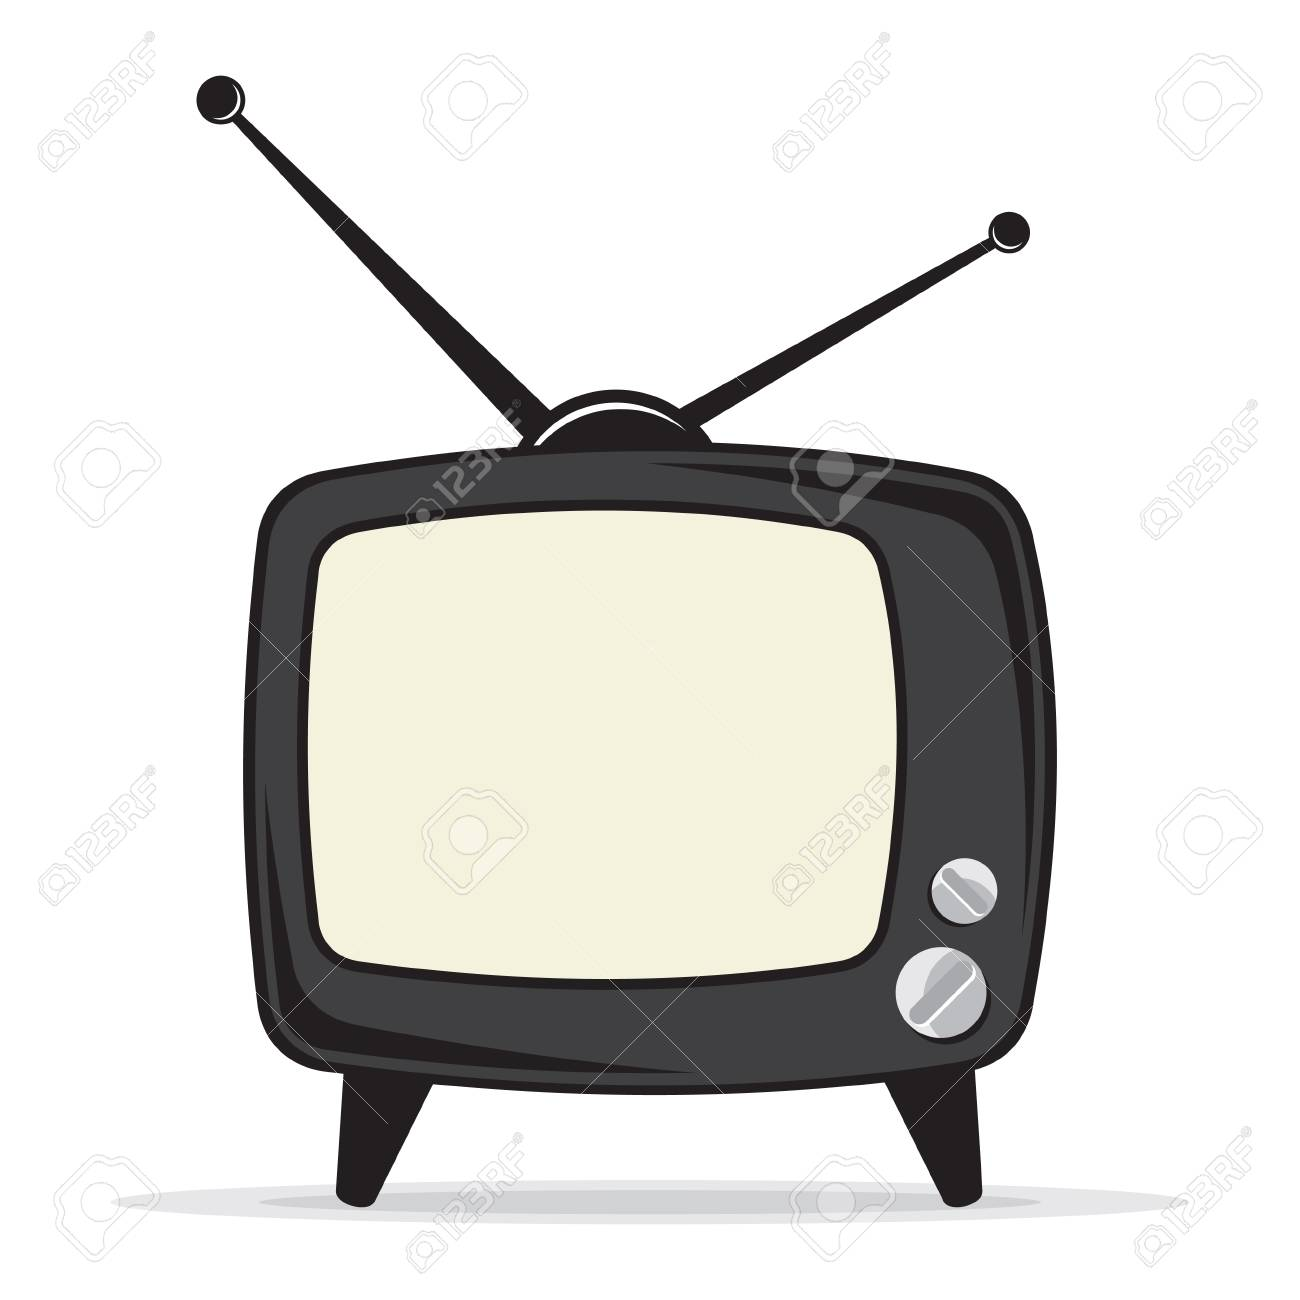 Retro tv icon - 38126265